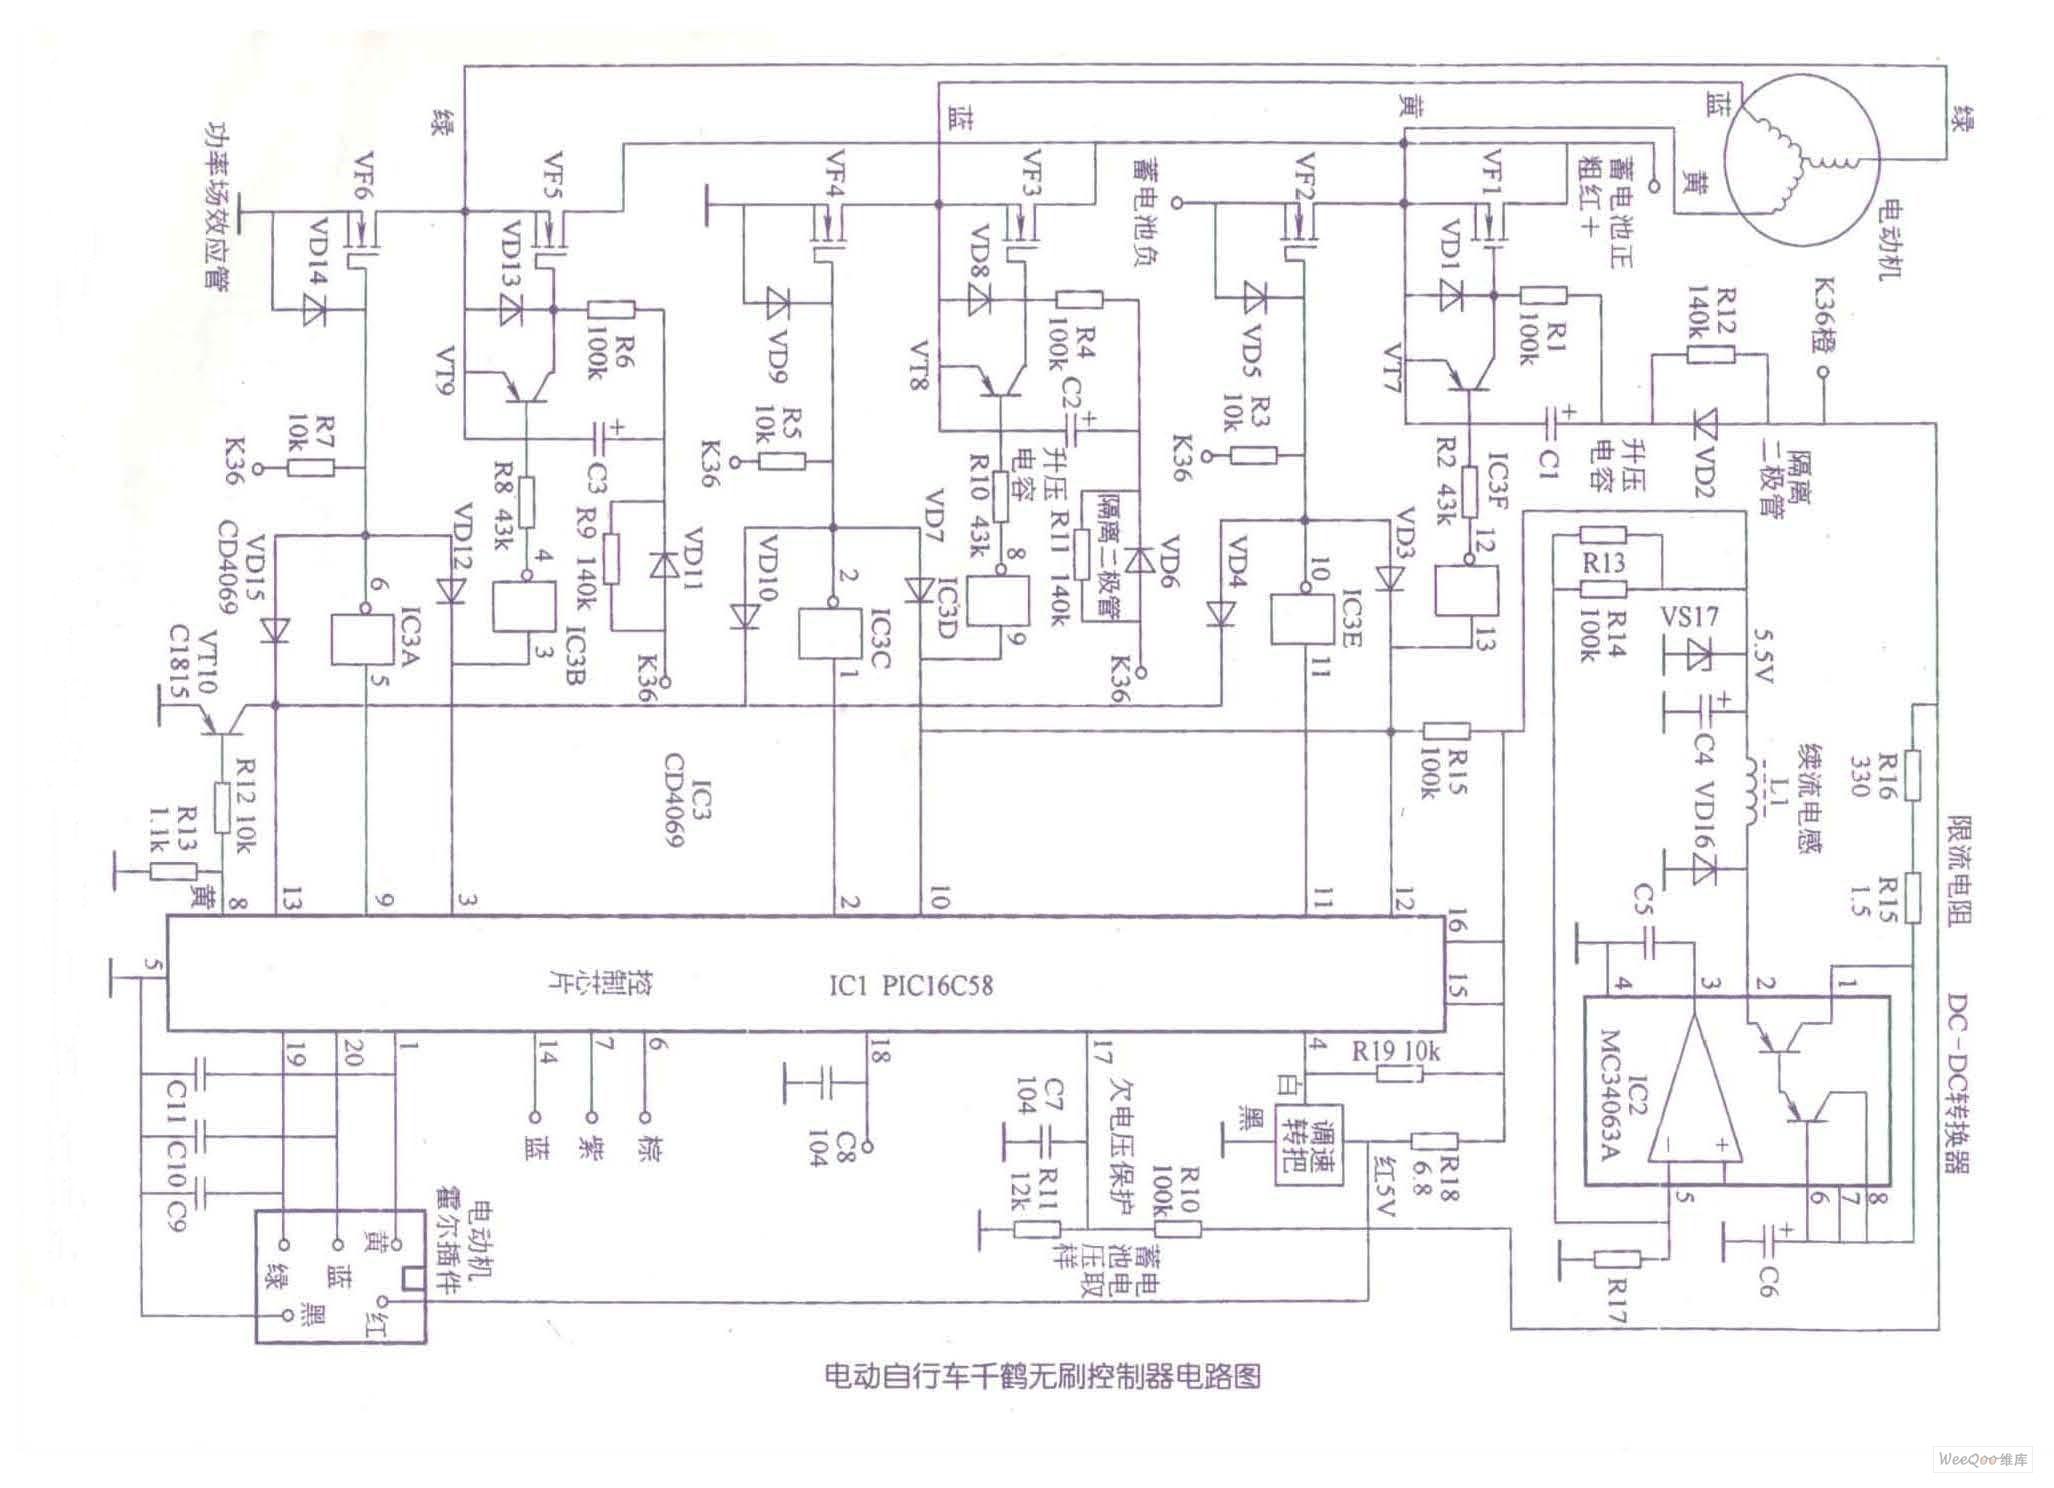 【图】电动自行车千鹤无刷控制器电路图控制电路